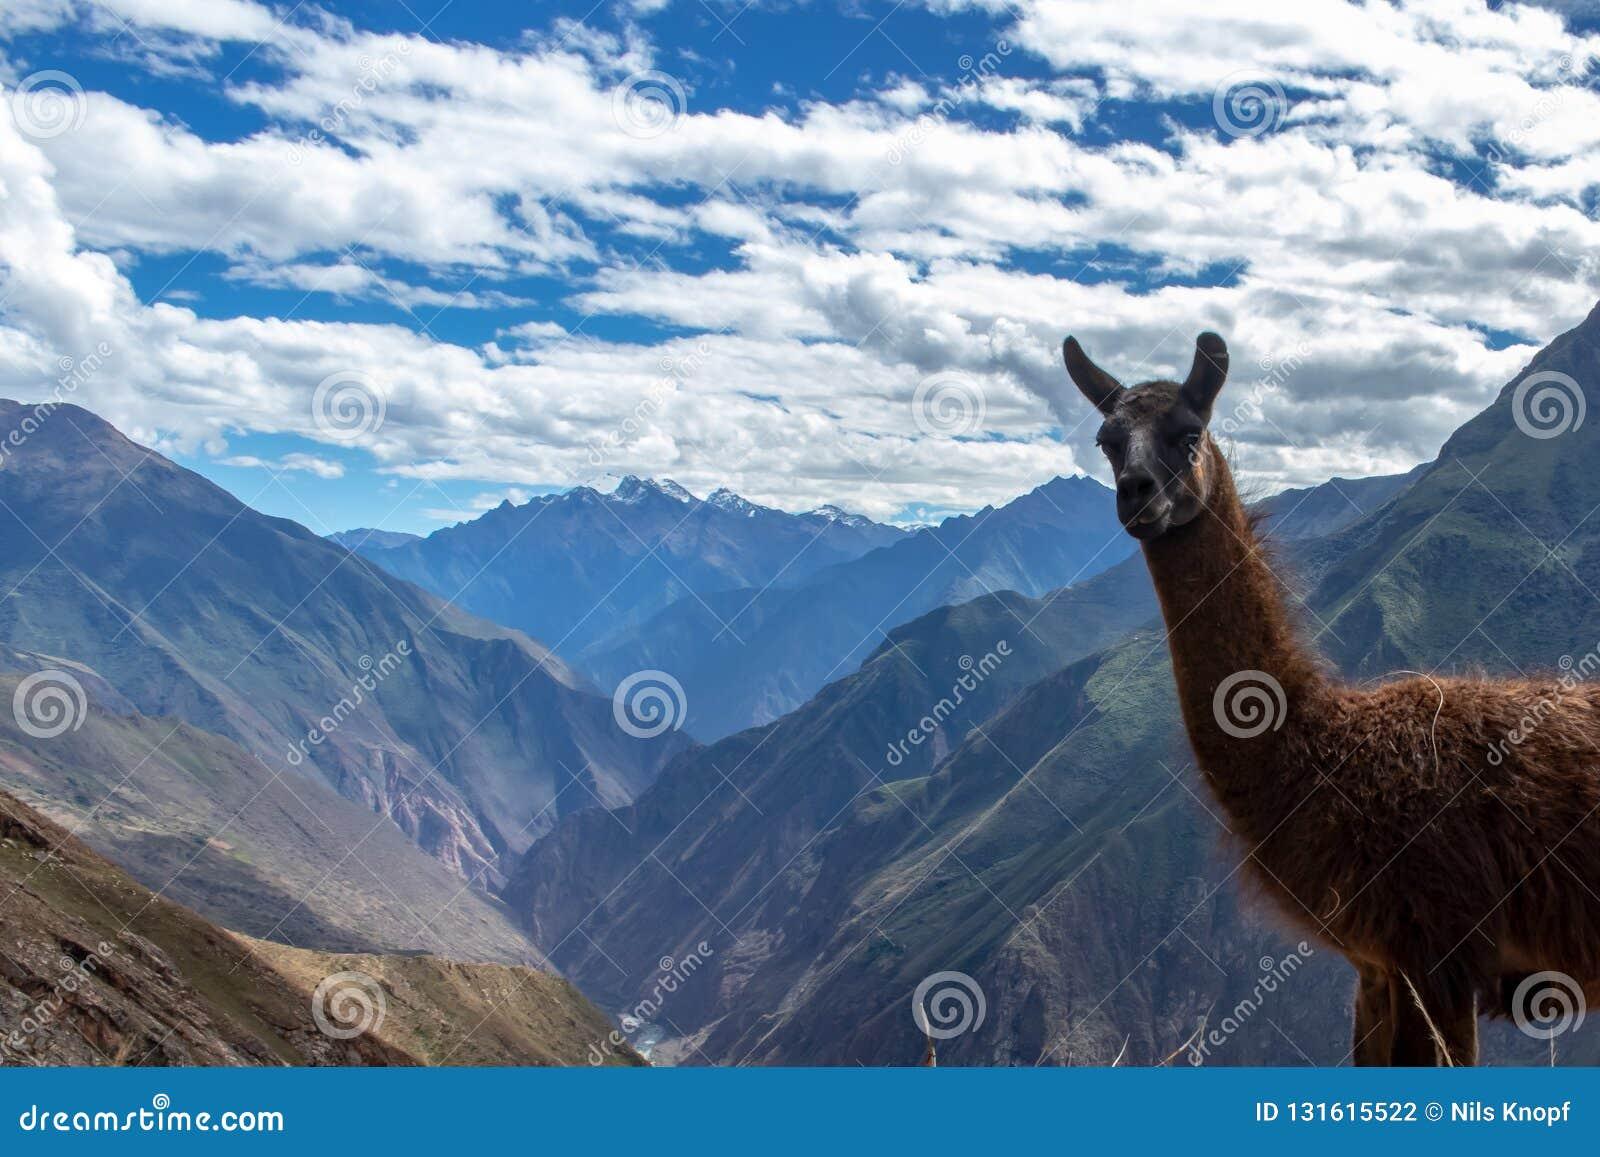 Портрет коричневого ламы в горах Анд, Перу